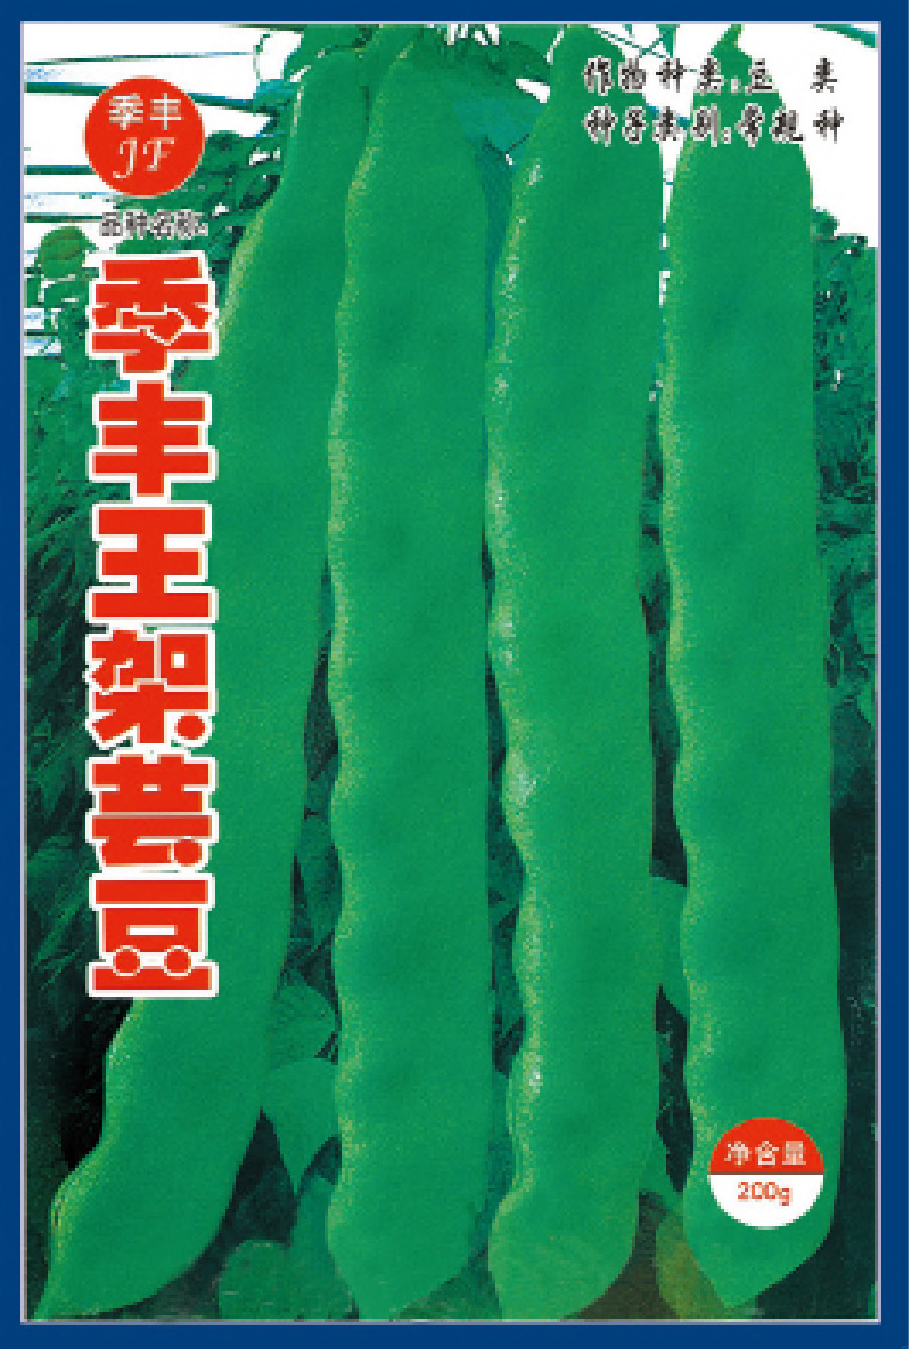 季丰王架芸豆—菜豆种子